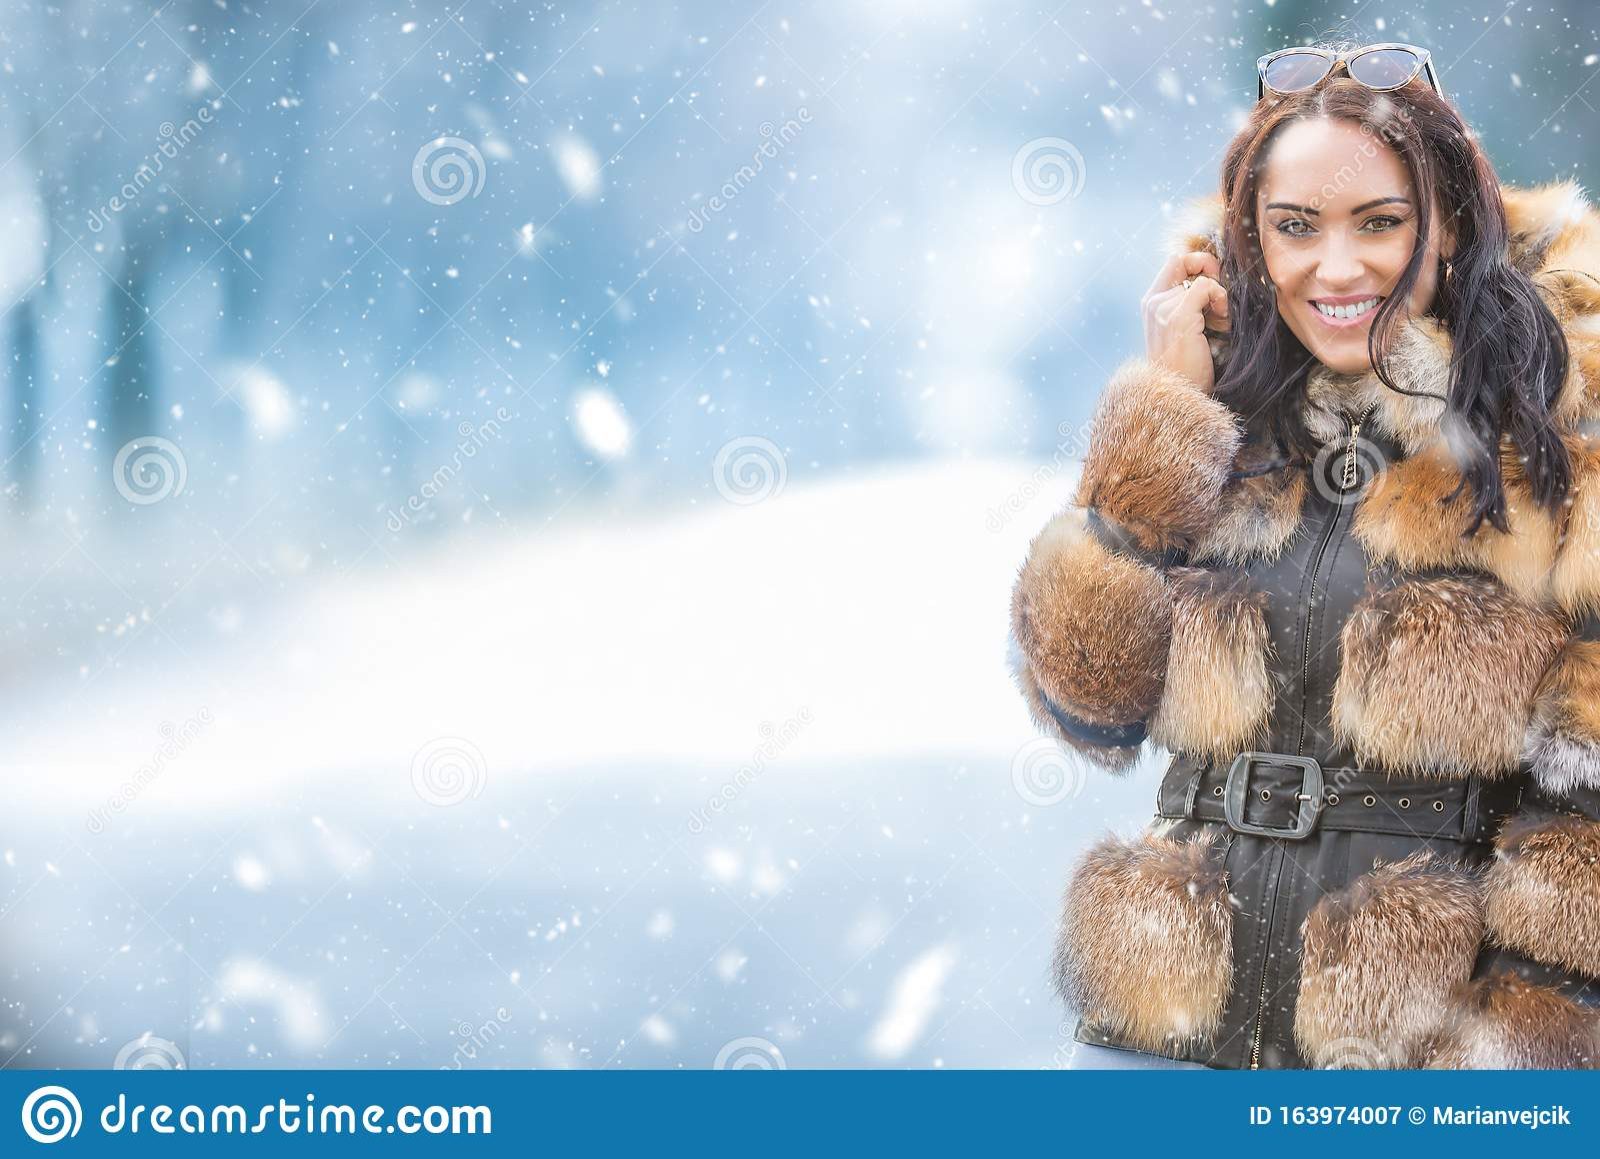 Девушки модели в полярный вебка за деньги